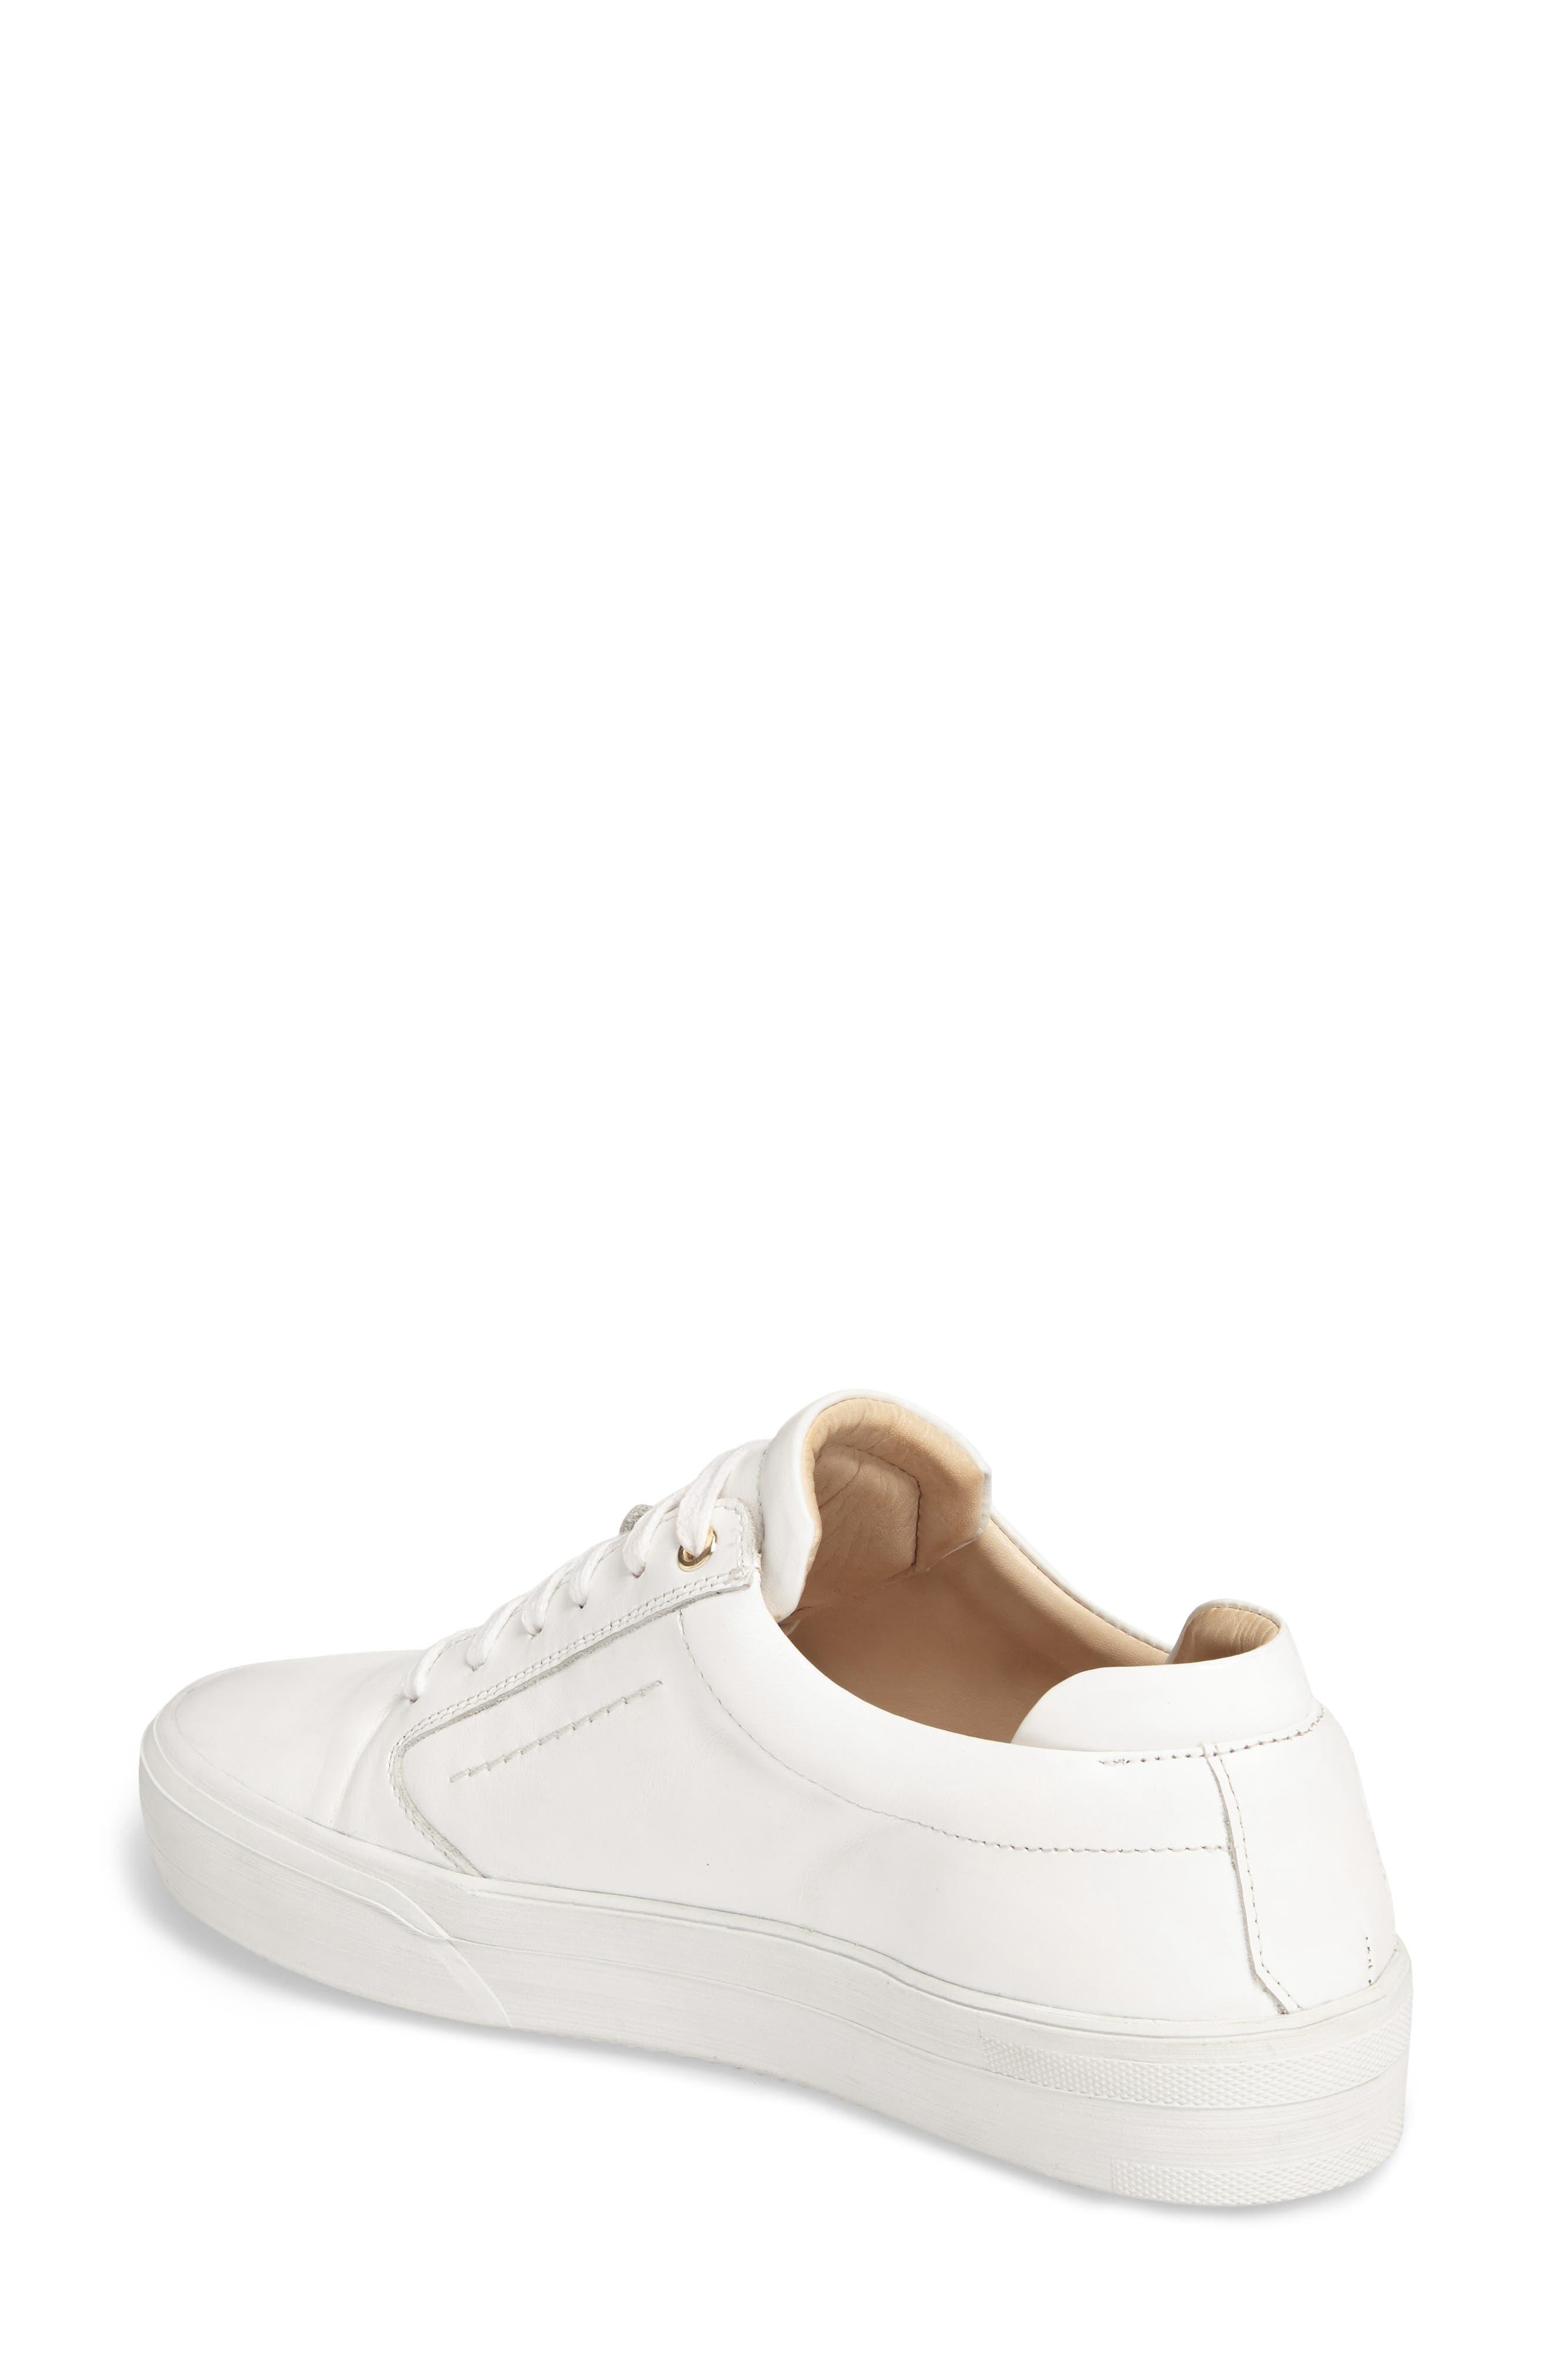 Lalibela Sneaker,                             Alternate thumbnail 2, color,                             White/Patent White